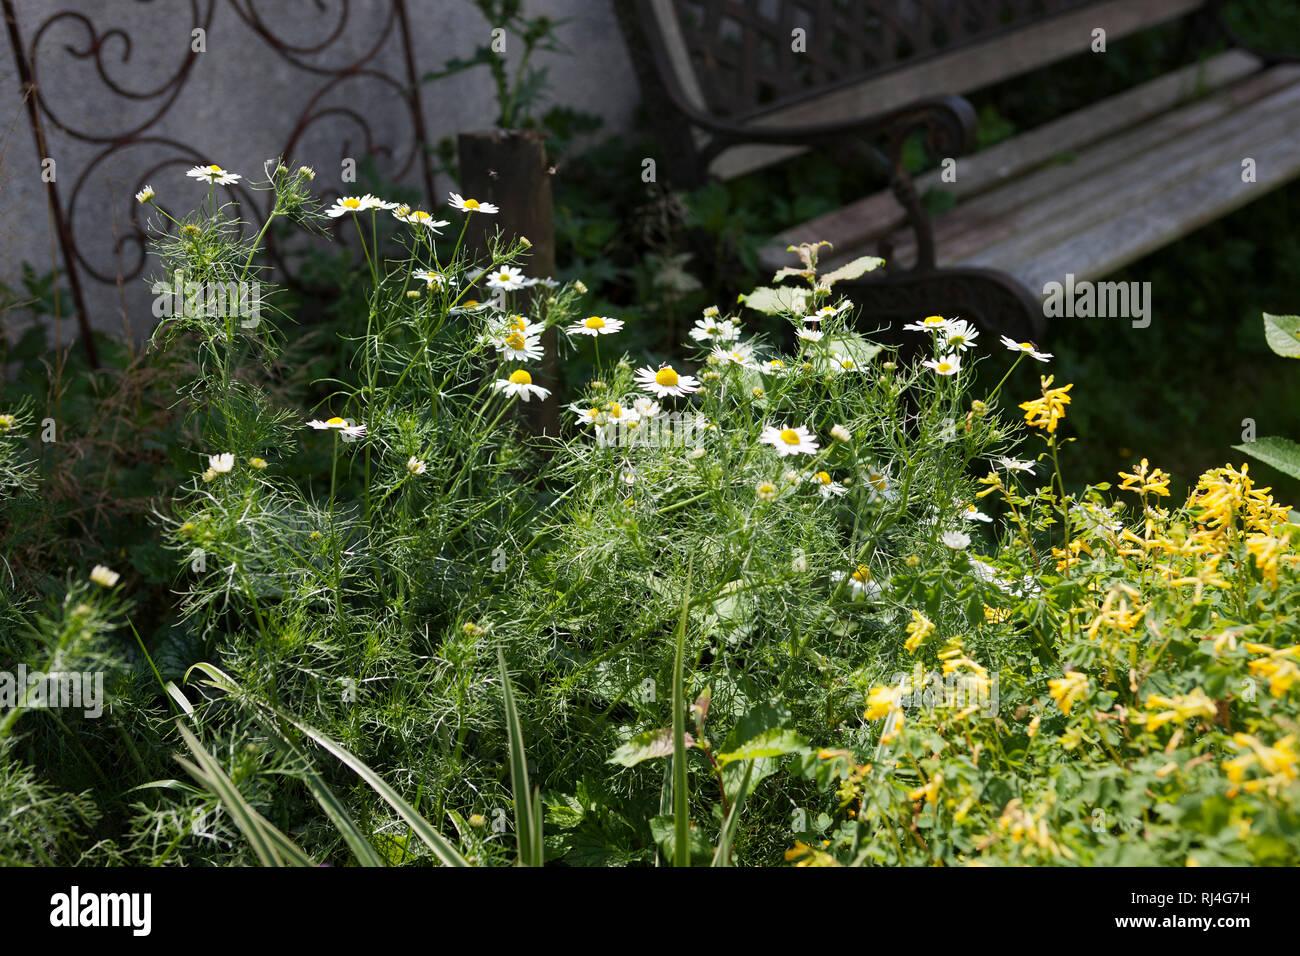 Echte Kamille (Matricaria chamomilla) im Bauerngarten Stock Photo